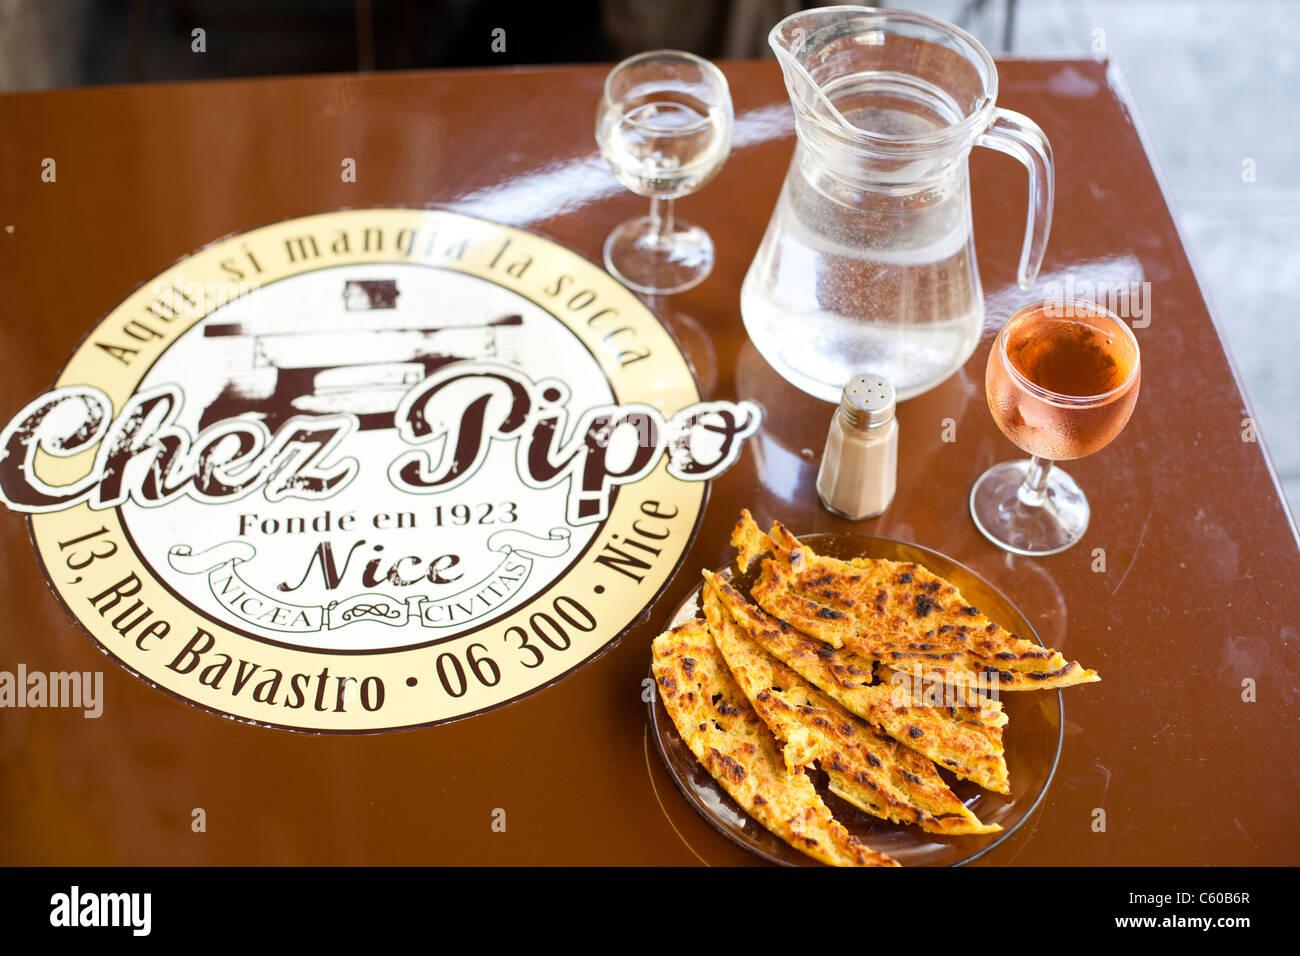 Restaurant La Caf Perpignan